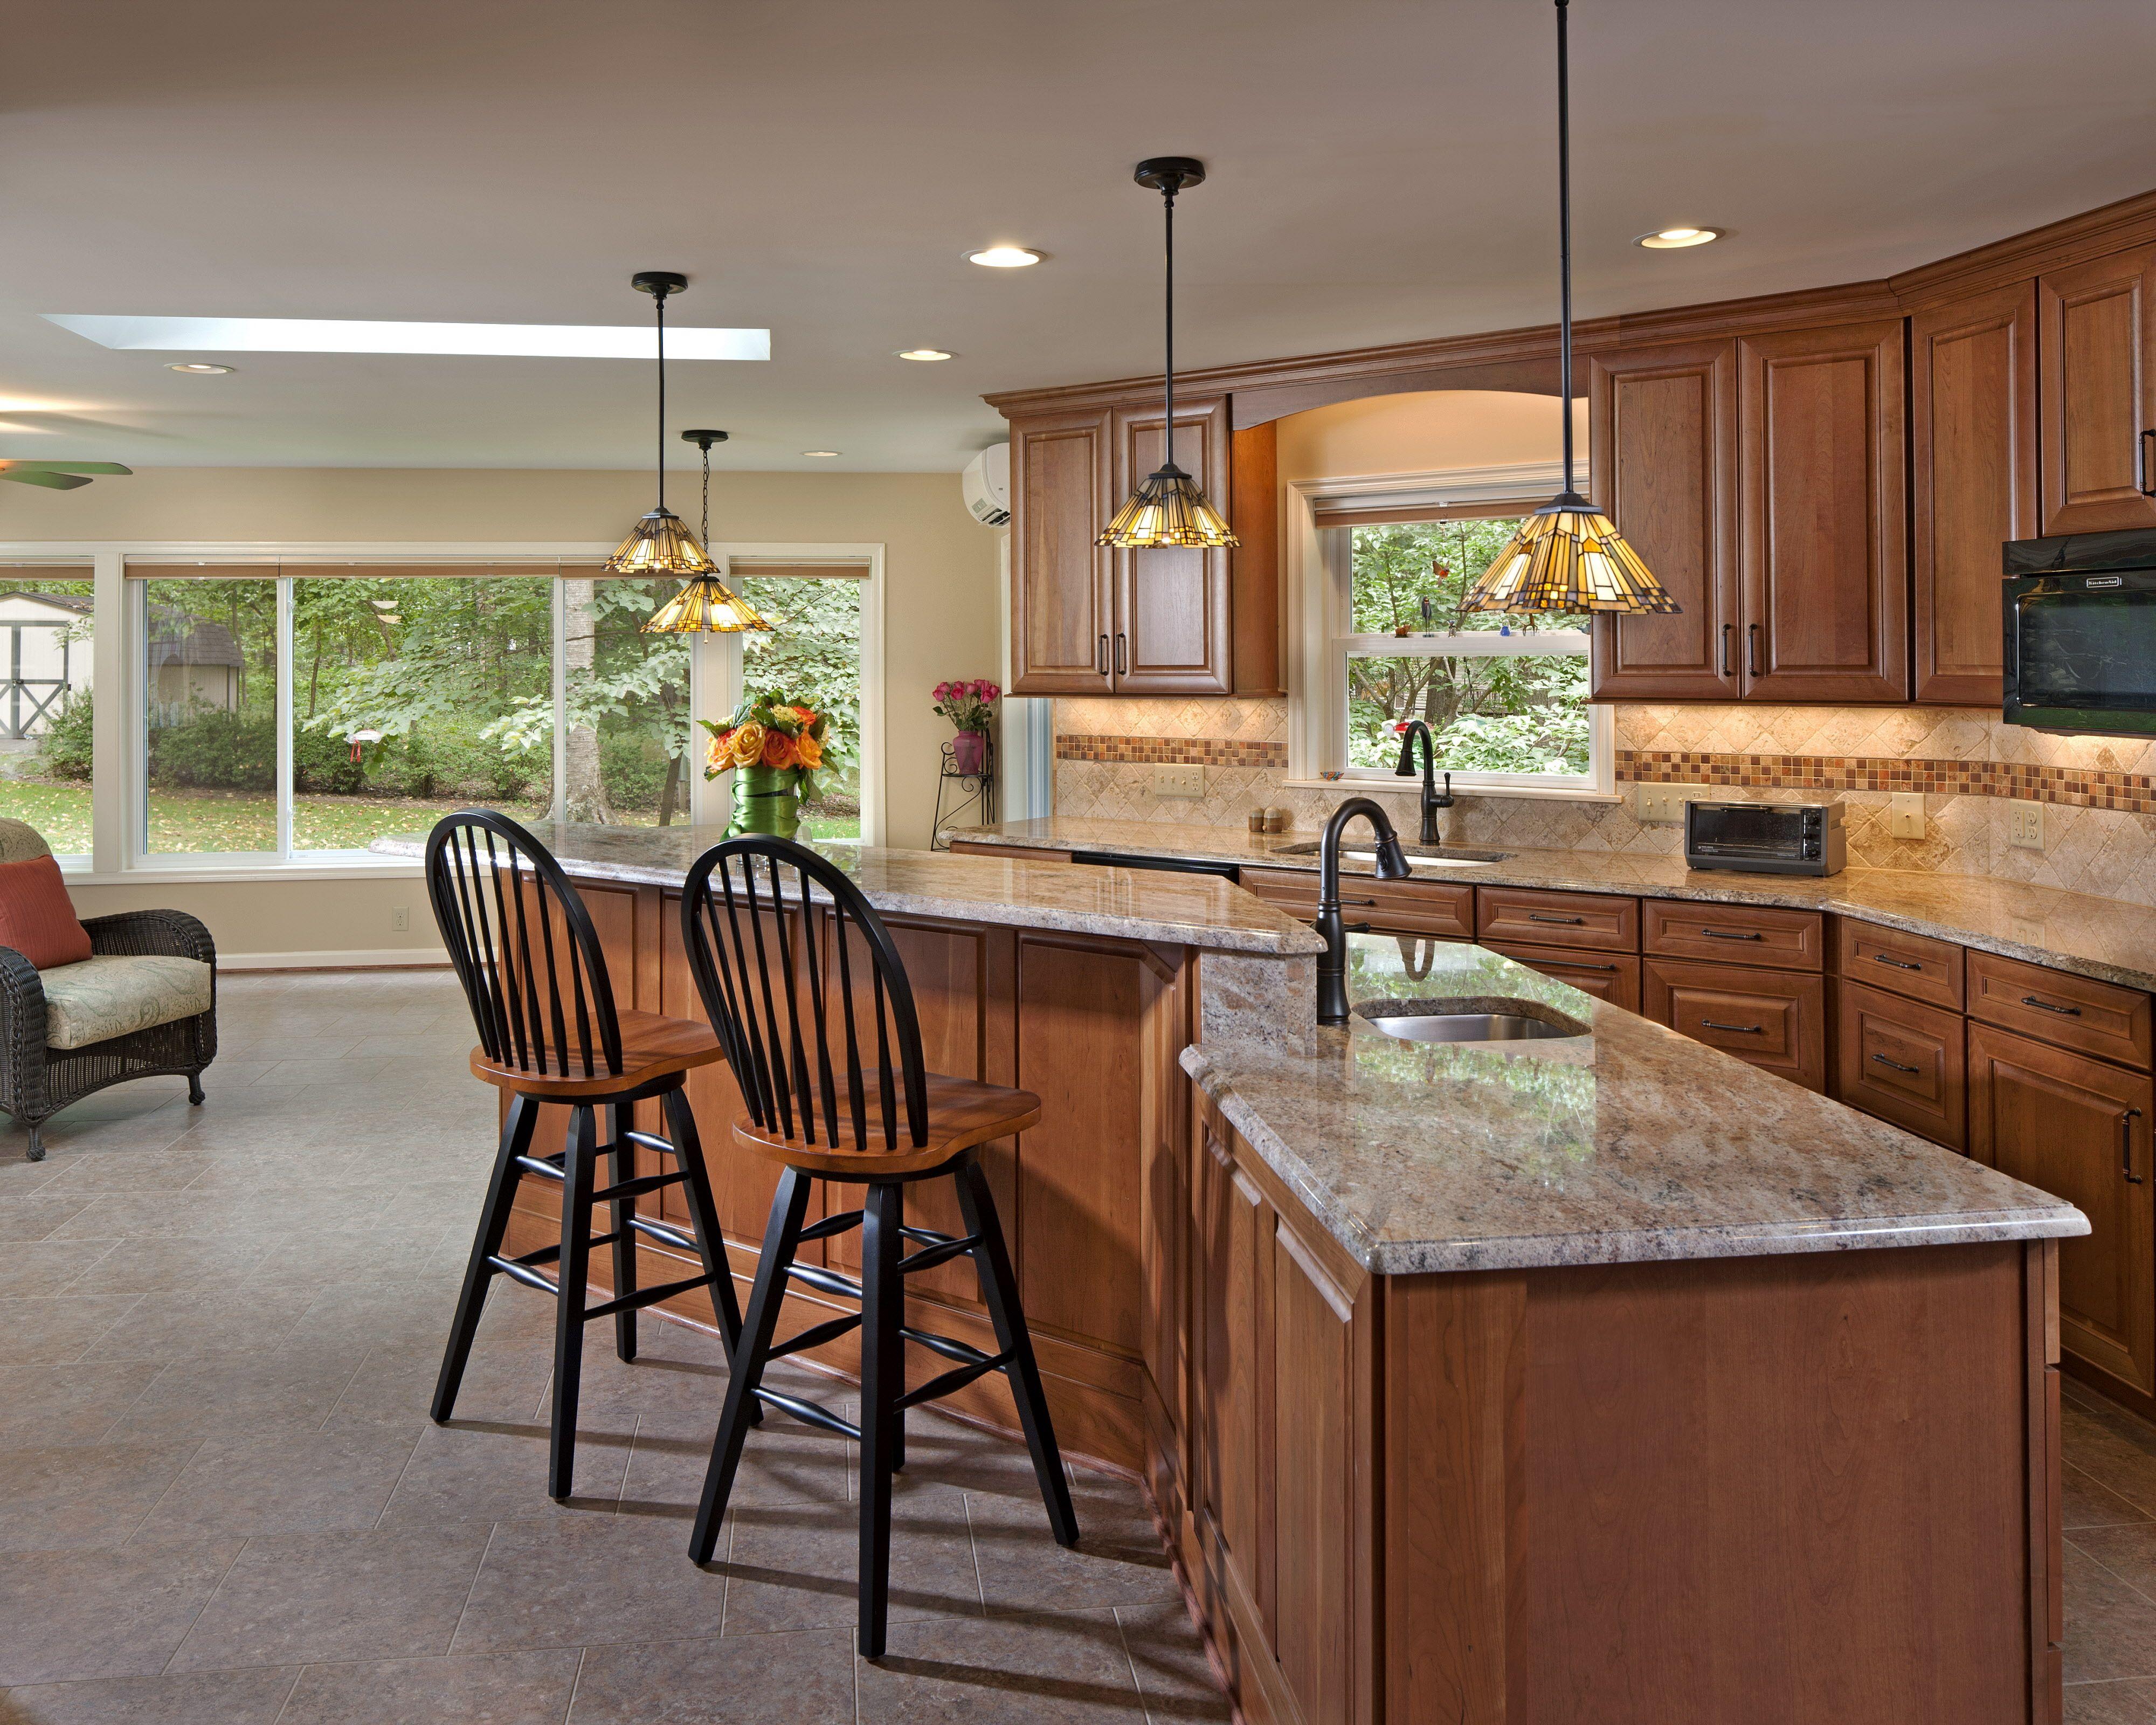 kitchen addition over $100,000 - $200,000 starcom design build